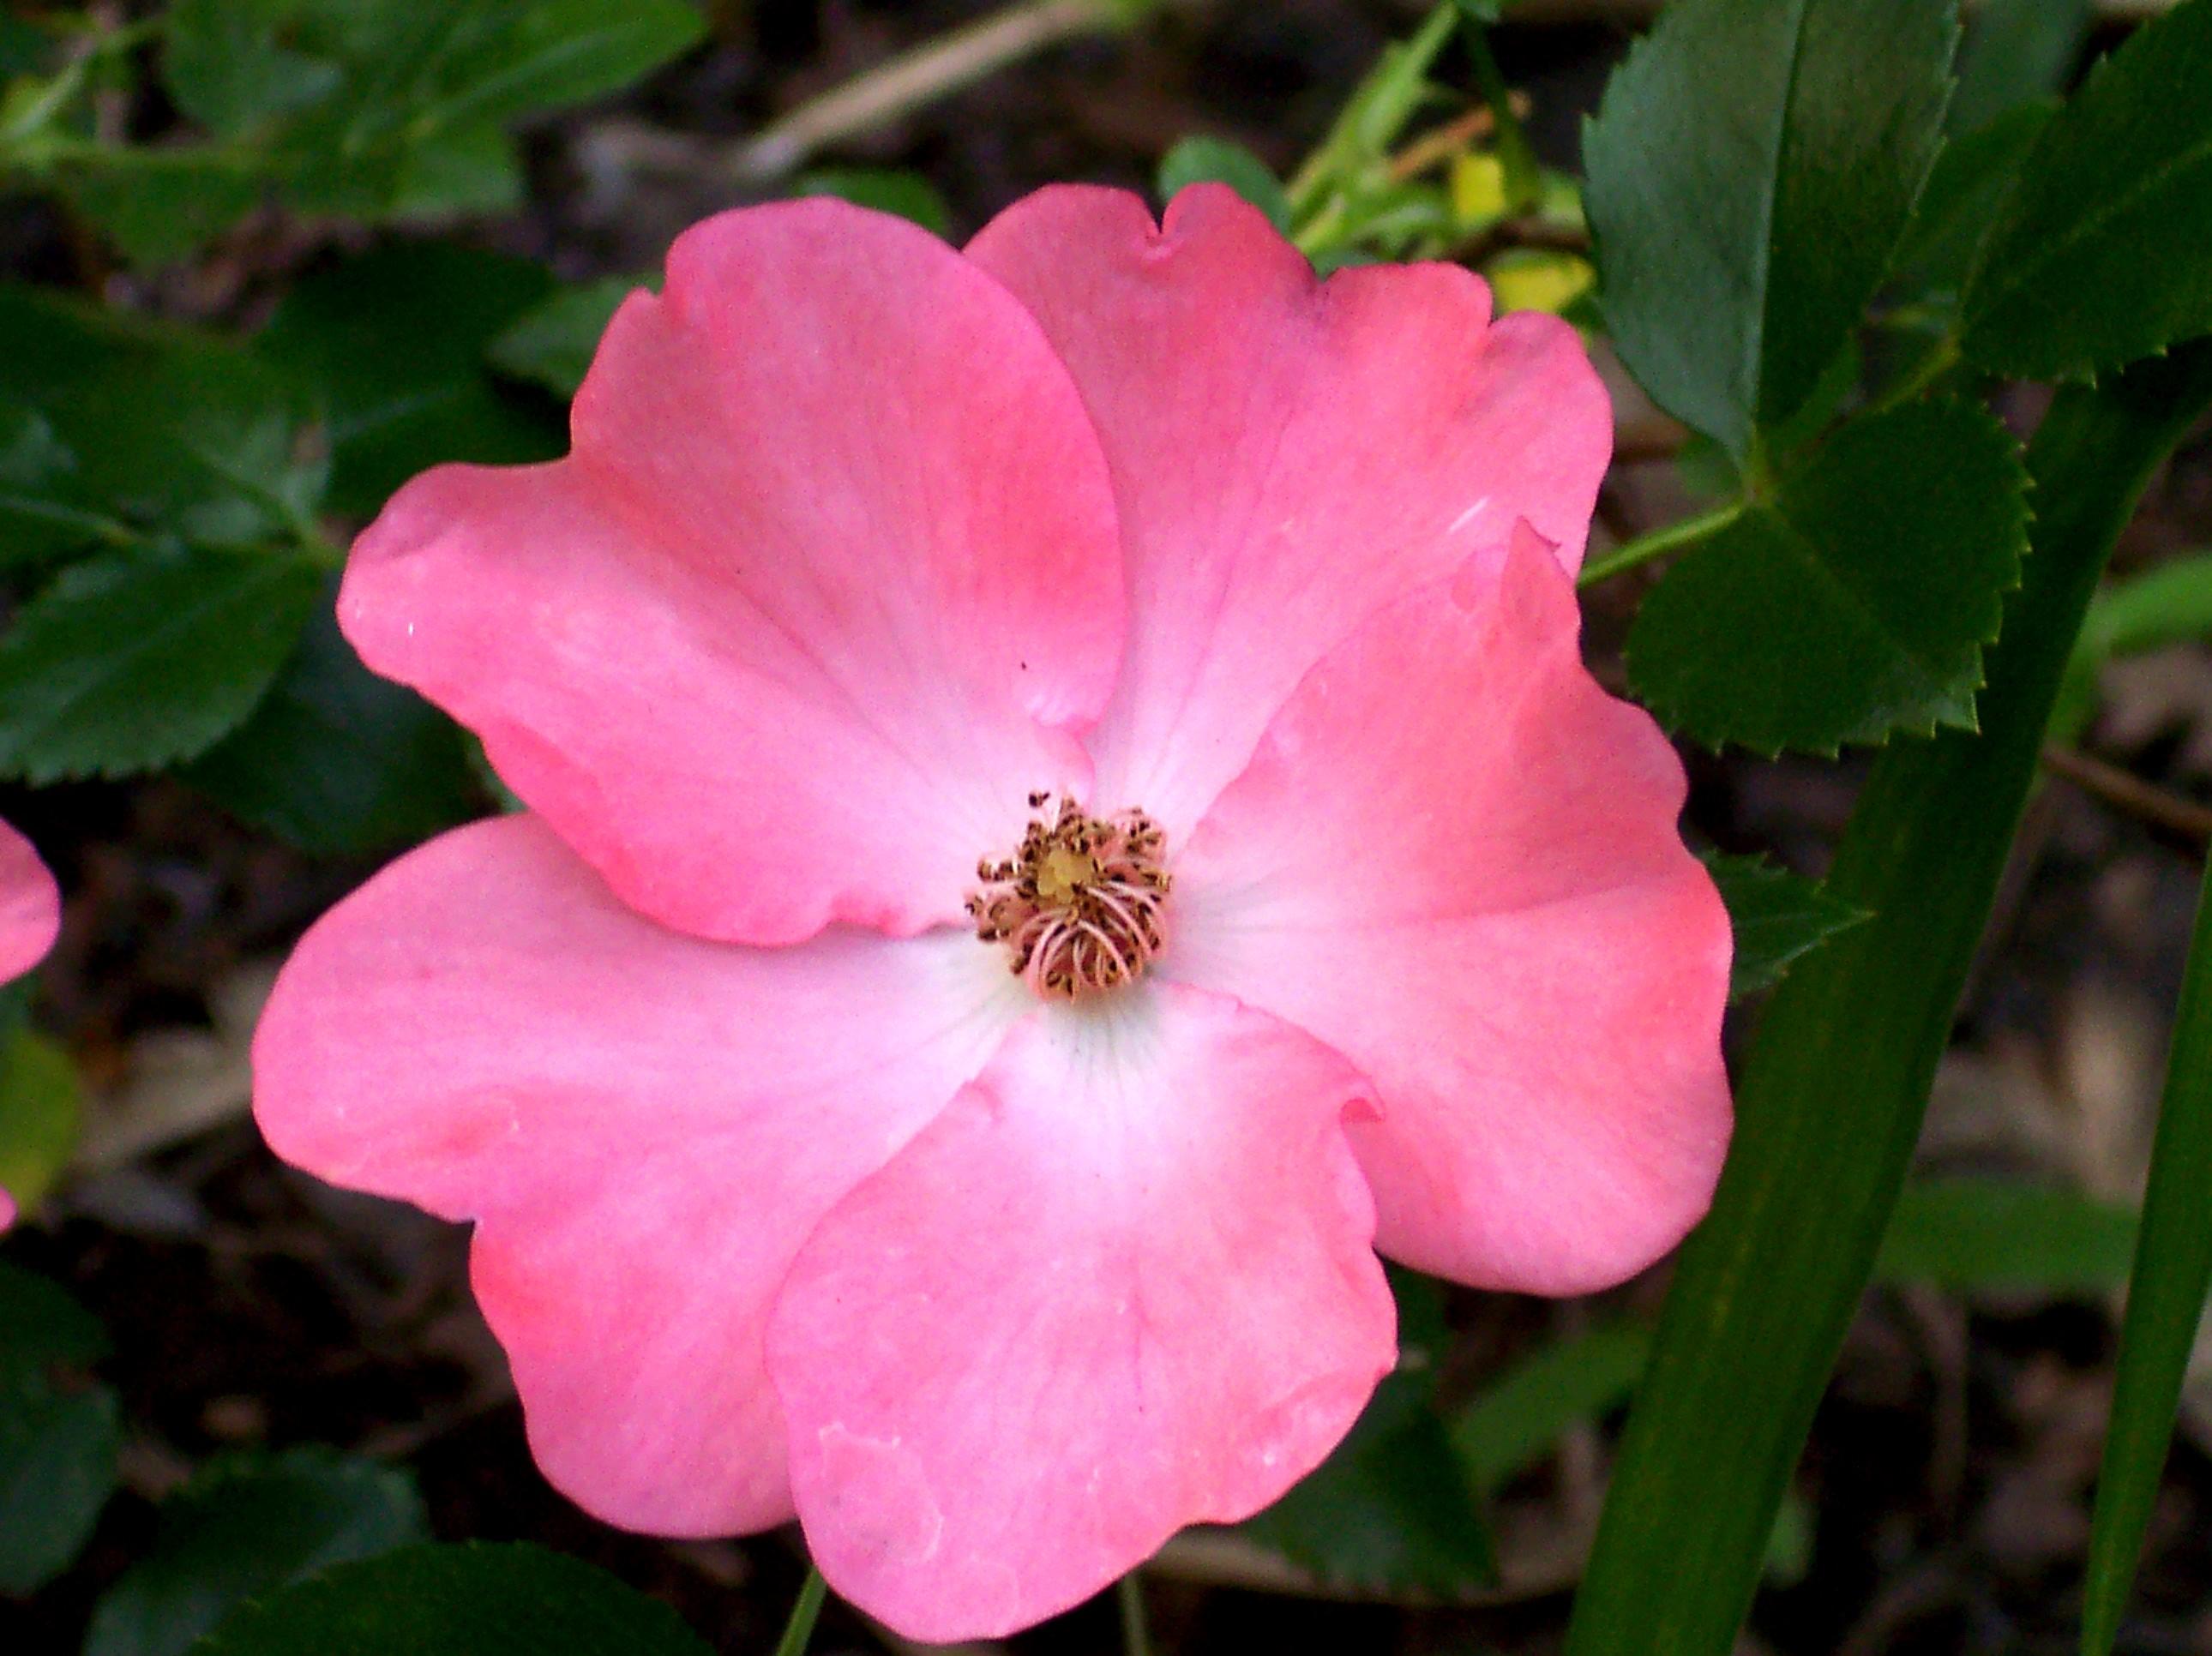 Single Pink Flower A single pink flower.